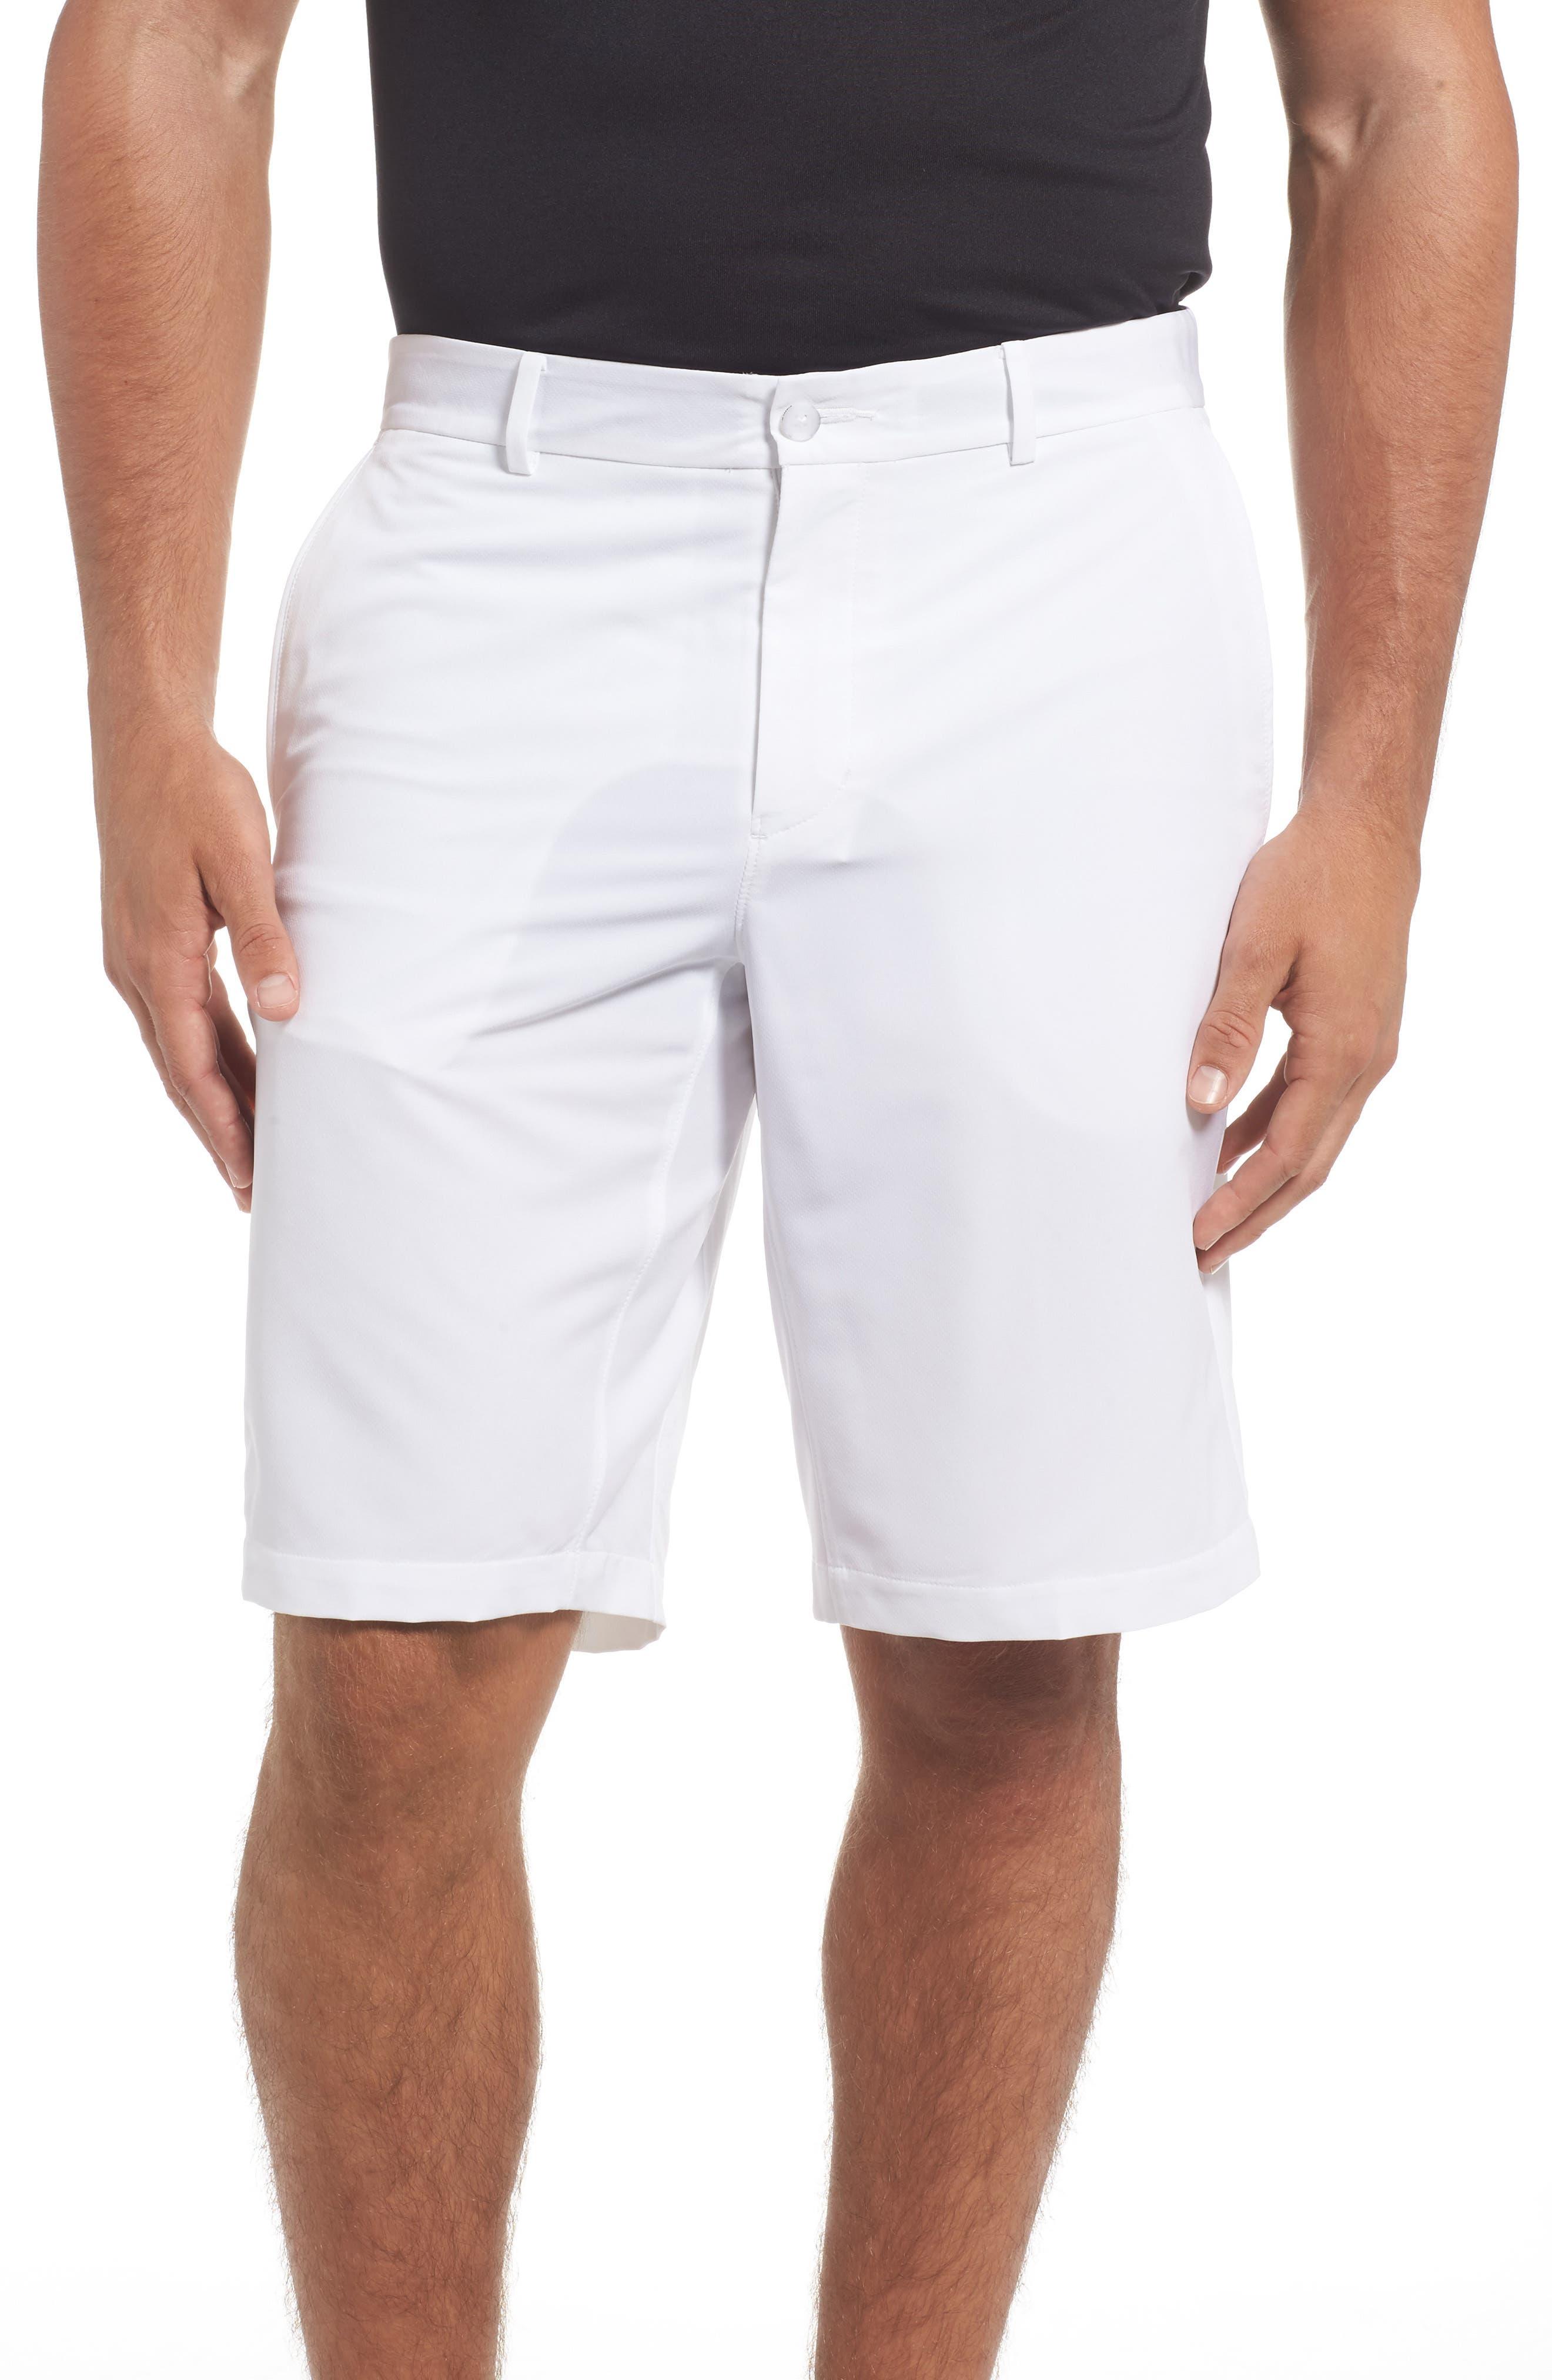 Nike Hybrid Flex Golf Shorts